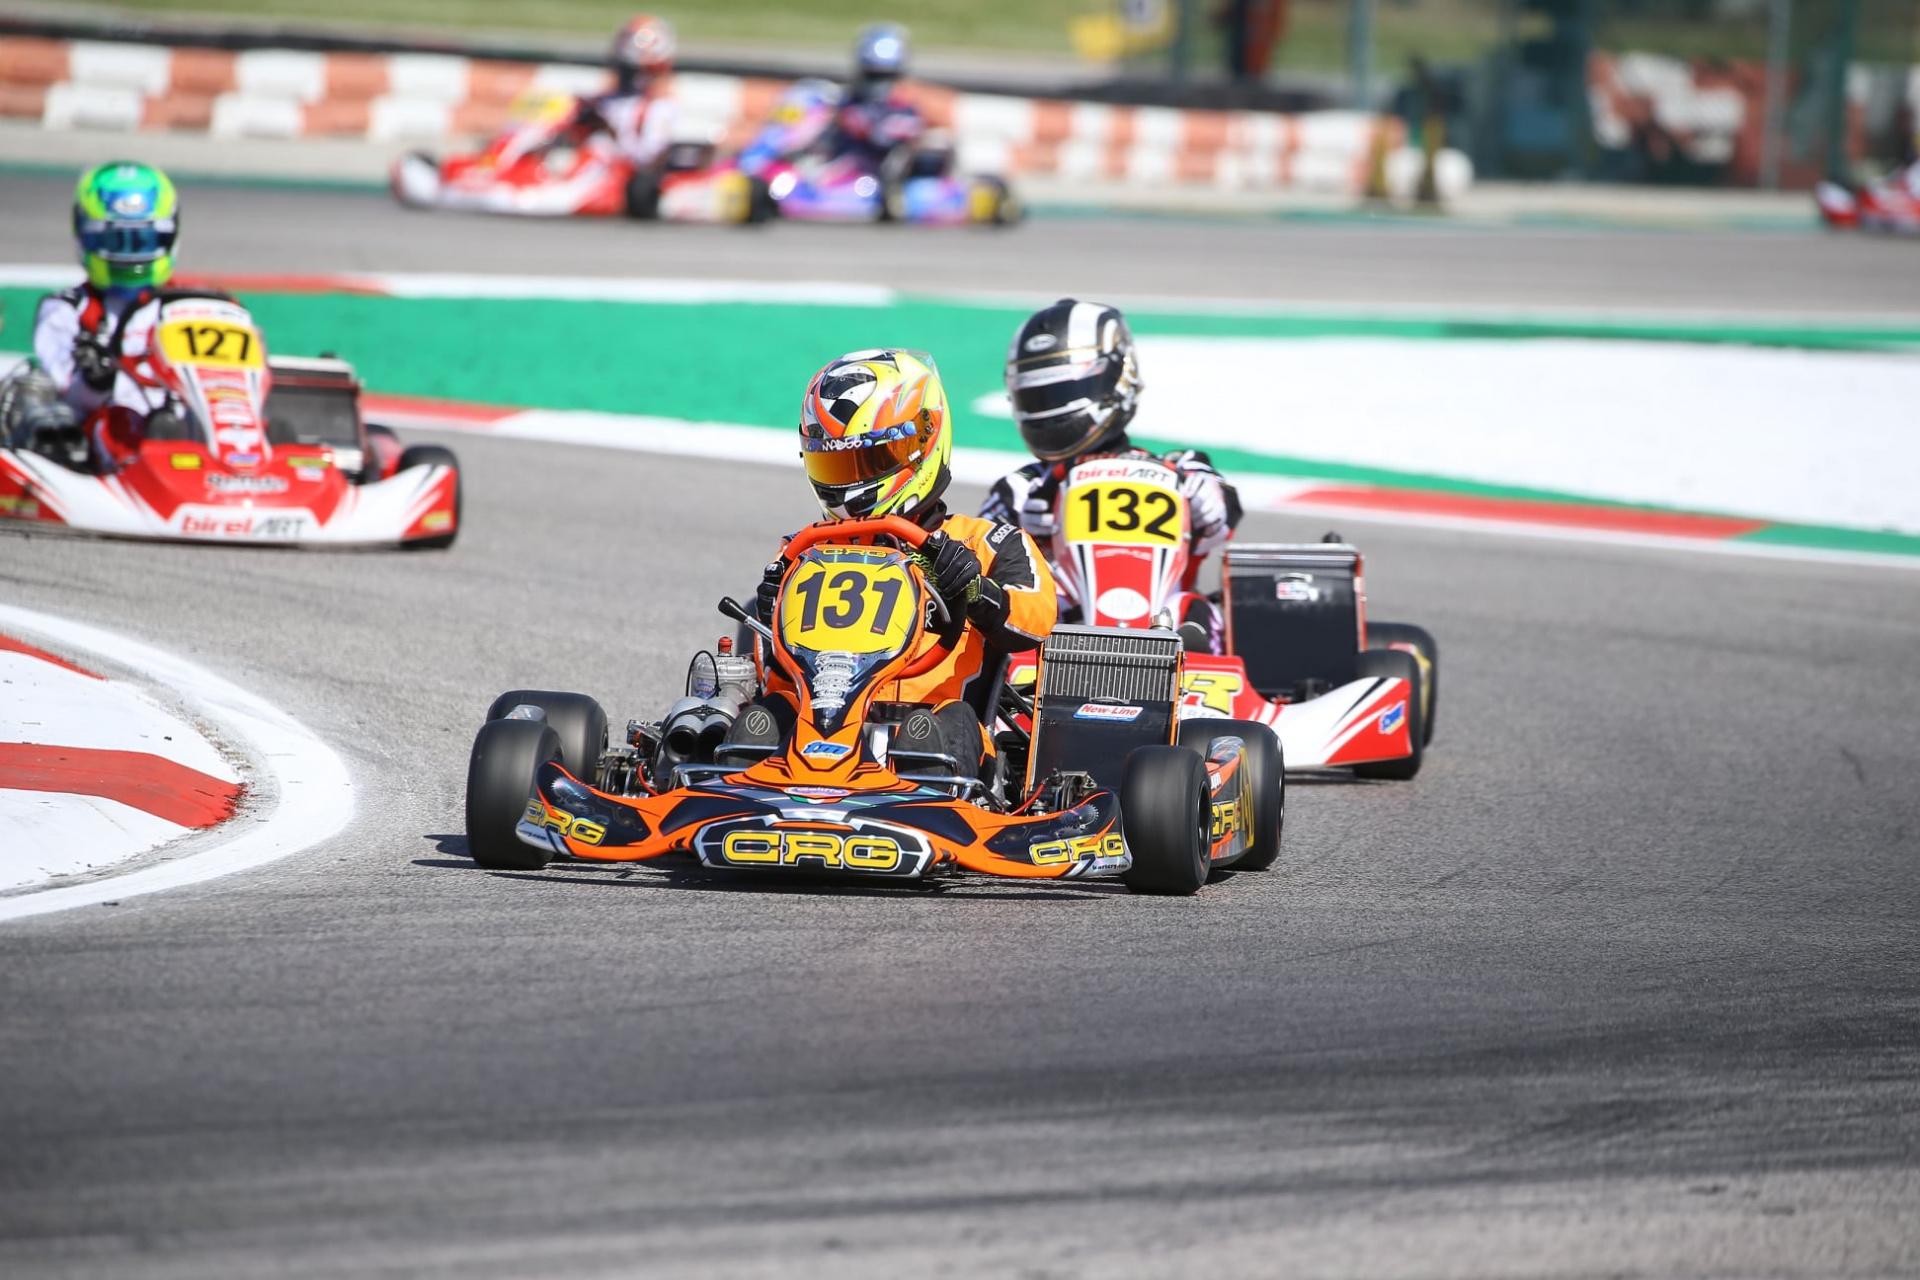 Il secondo round tricolore regala le vittorie a Giuseppe Palomba e Alex Irlando